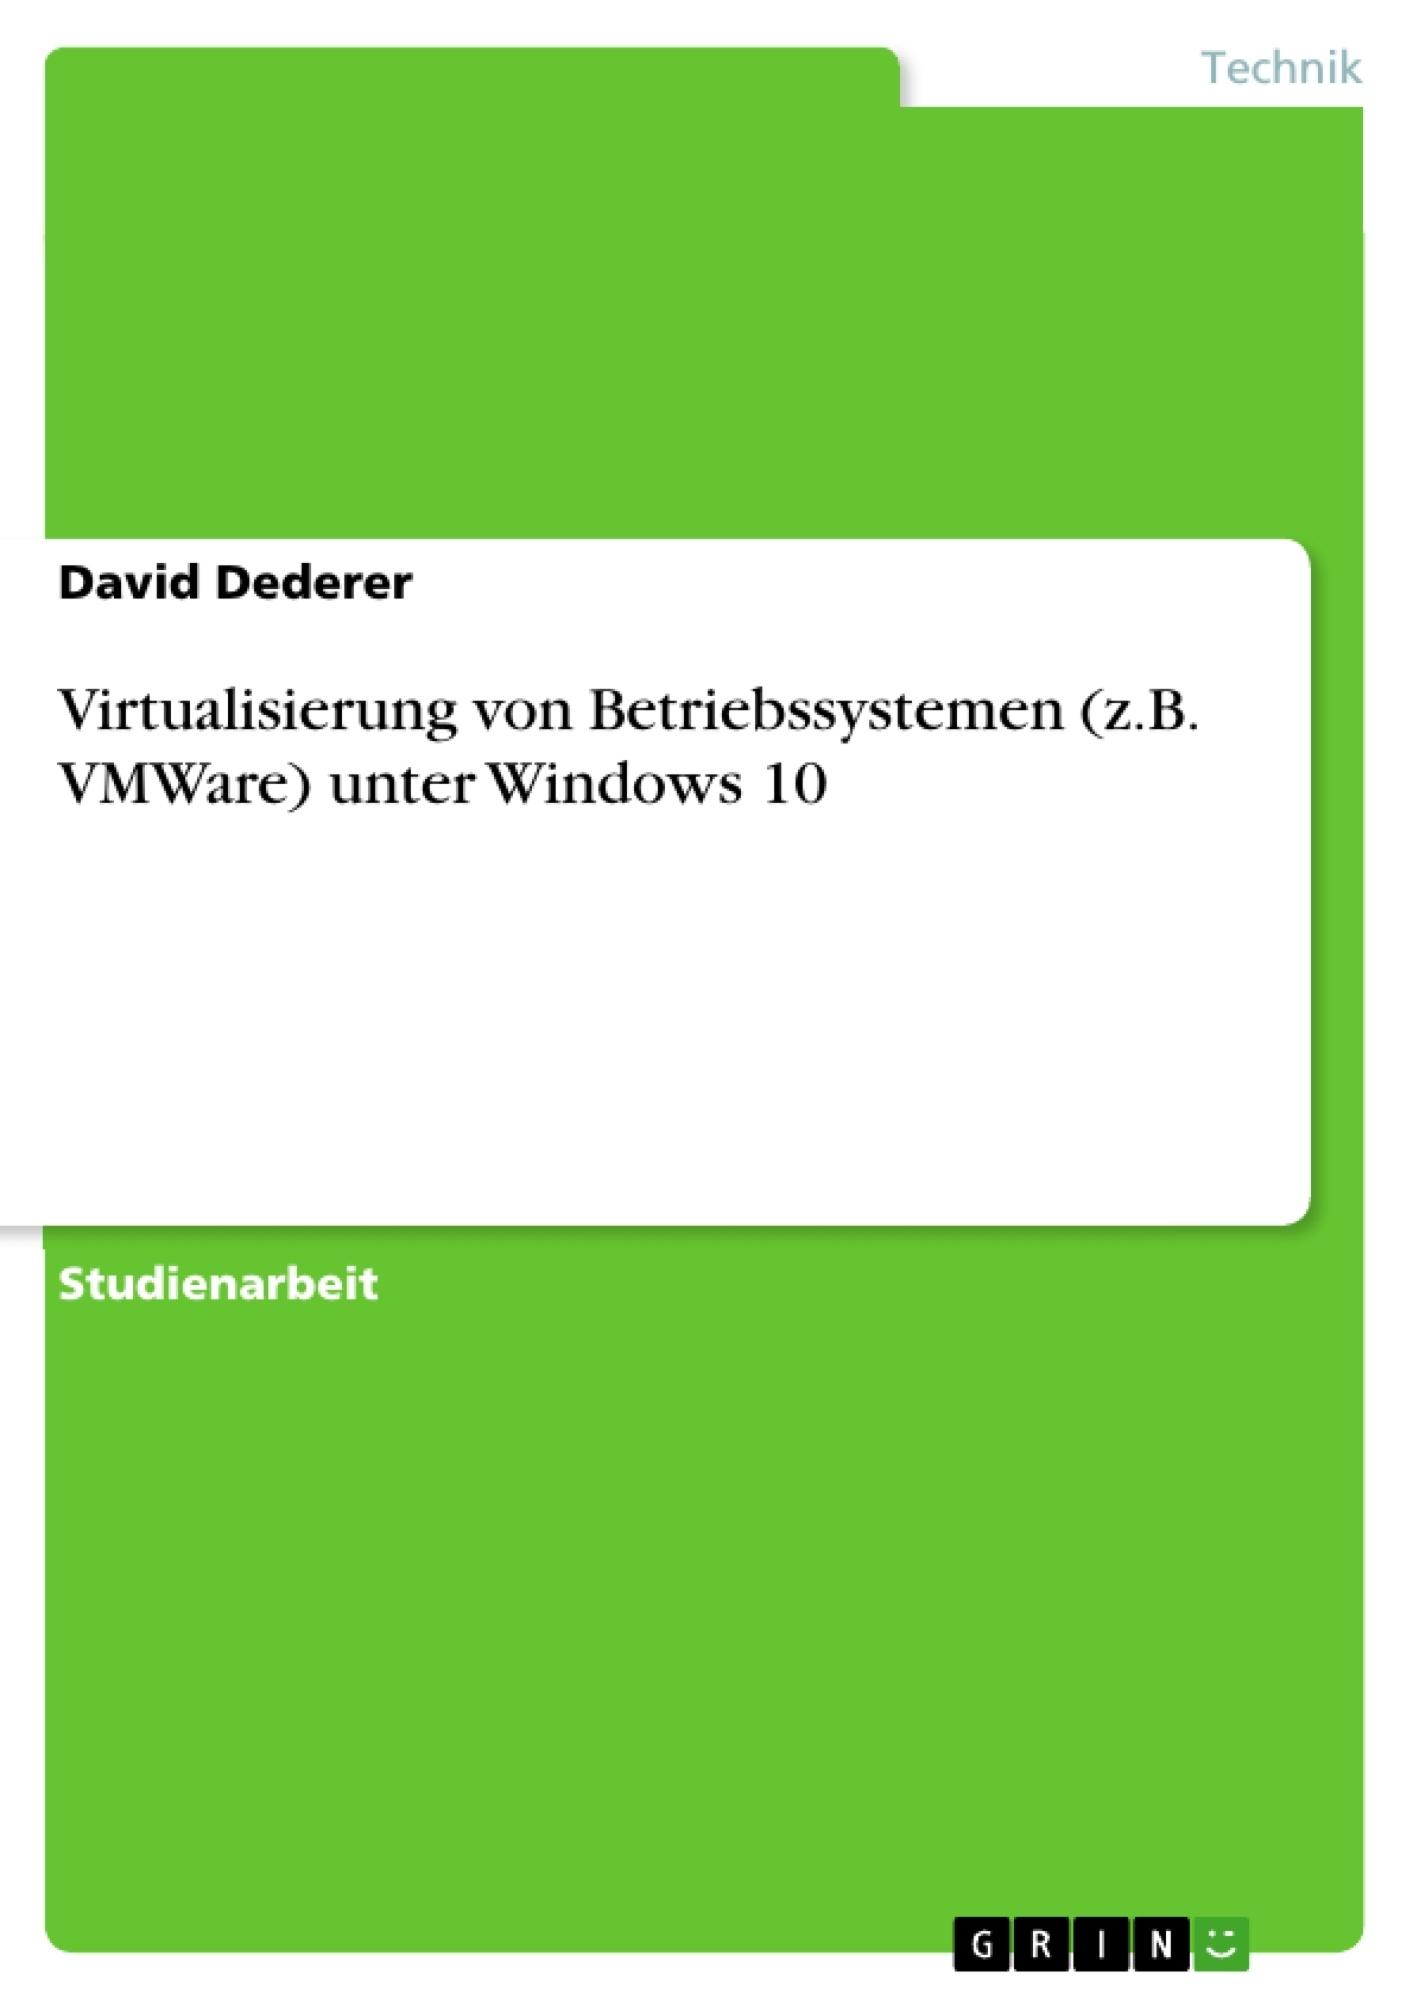 Titel: Virtualisierung von Betriebssystemen (z.B. VMWare) unter Windows 10